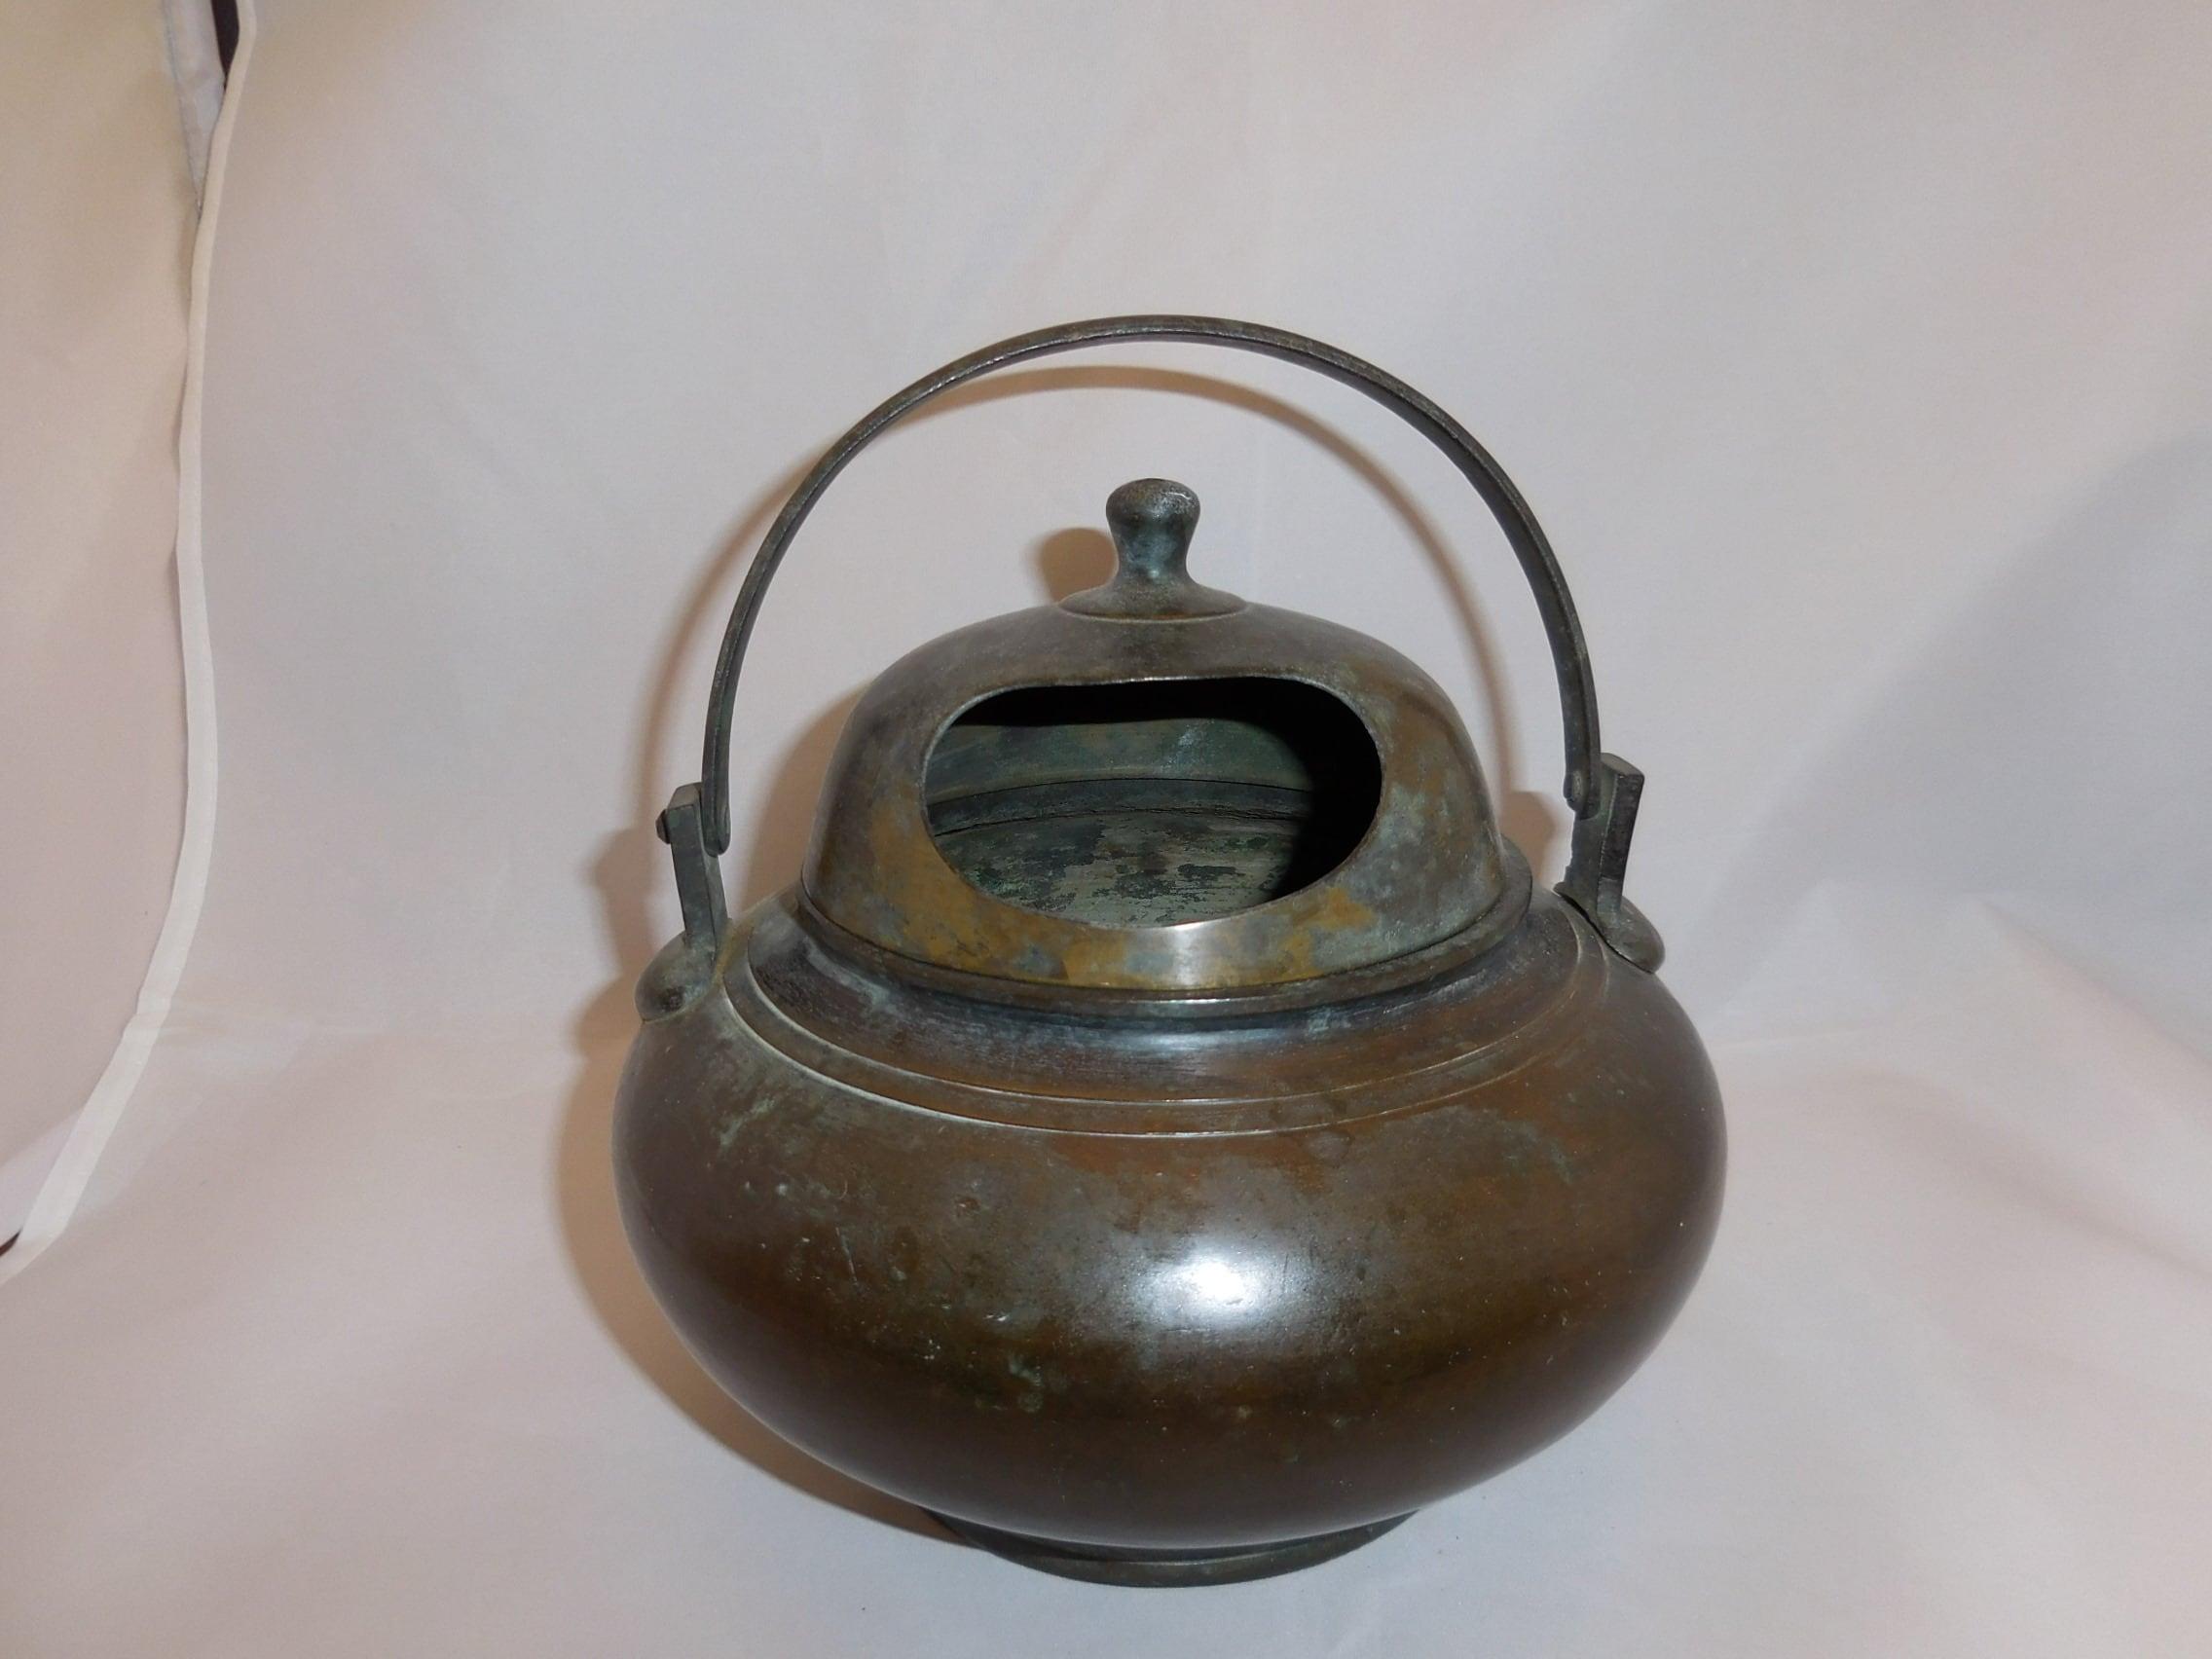 唐金香炉 bronze incense burner